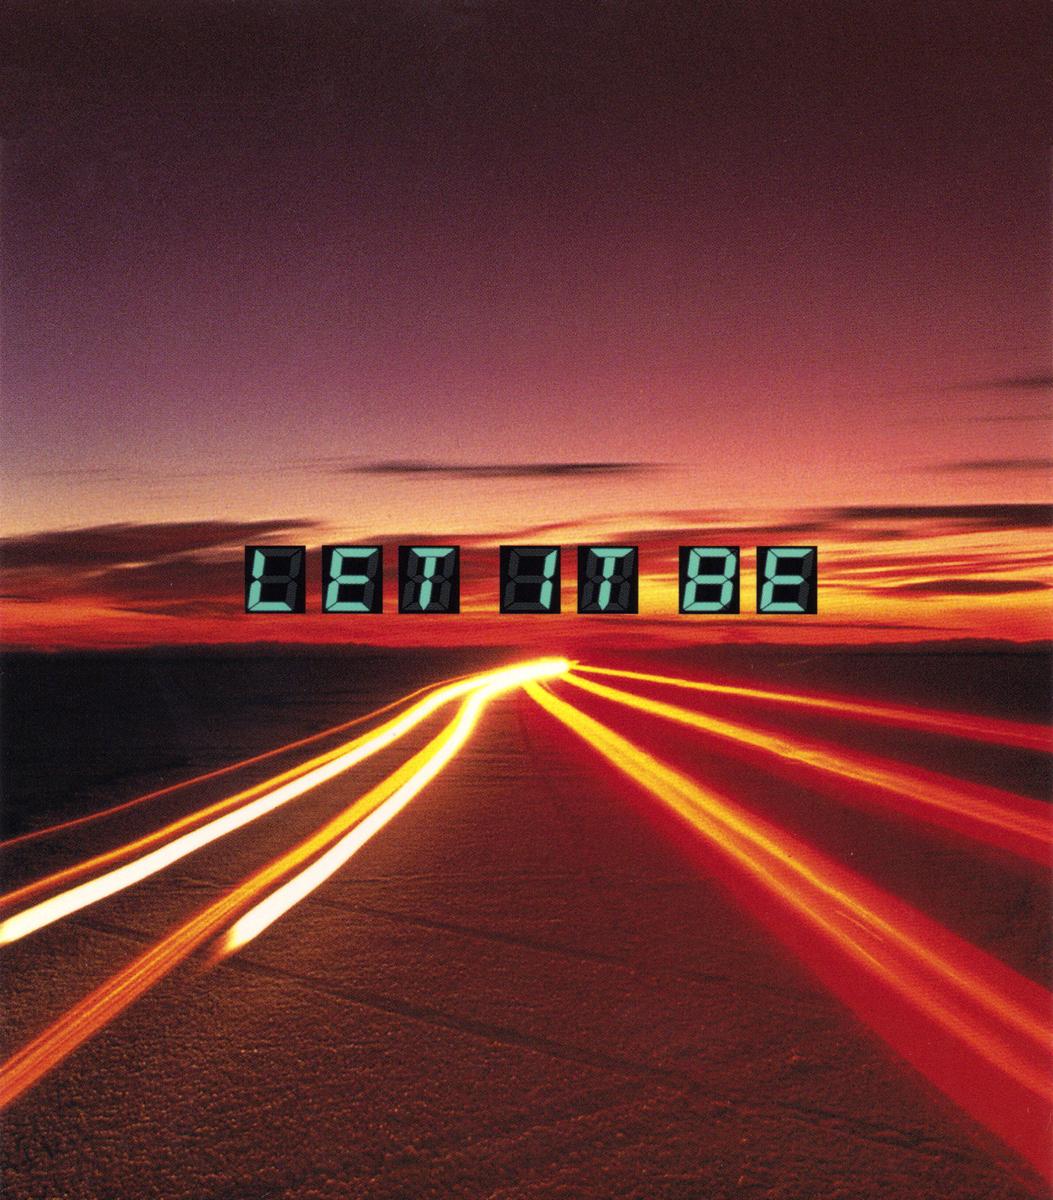 SMAP (スマップ)の『Let It Be』ジャケット画像